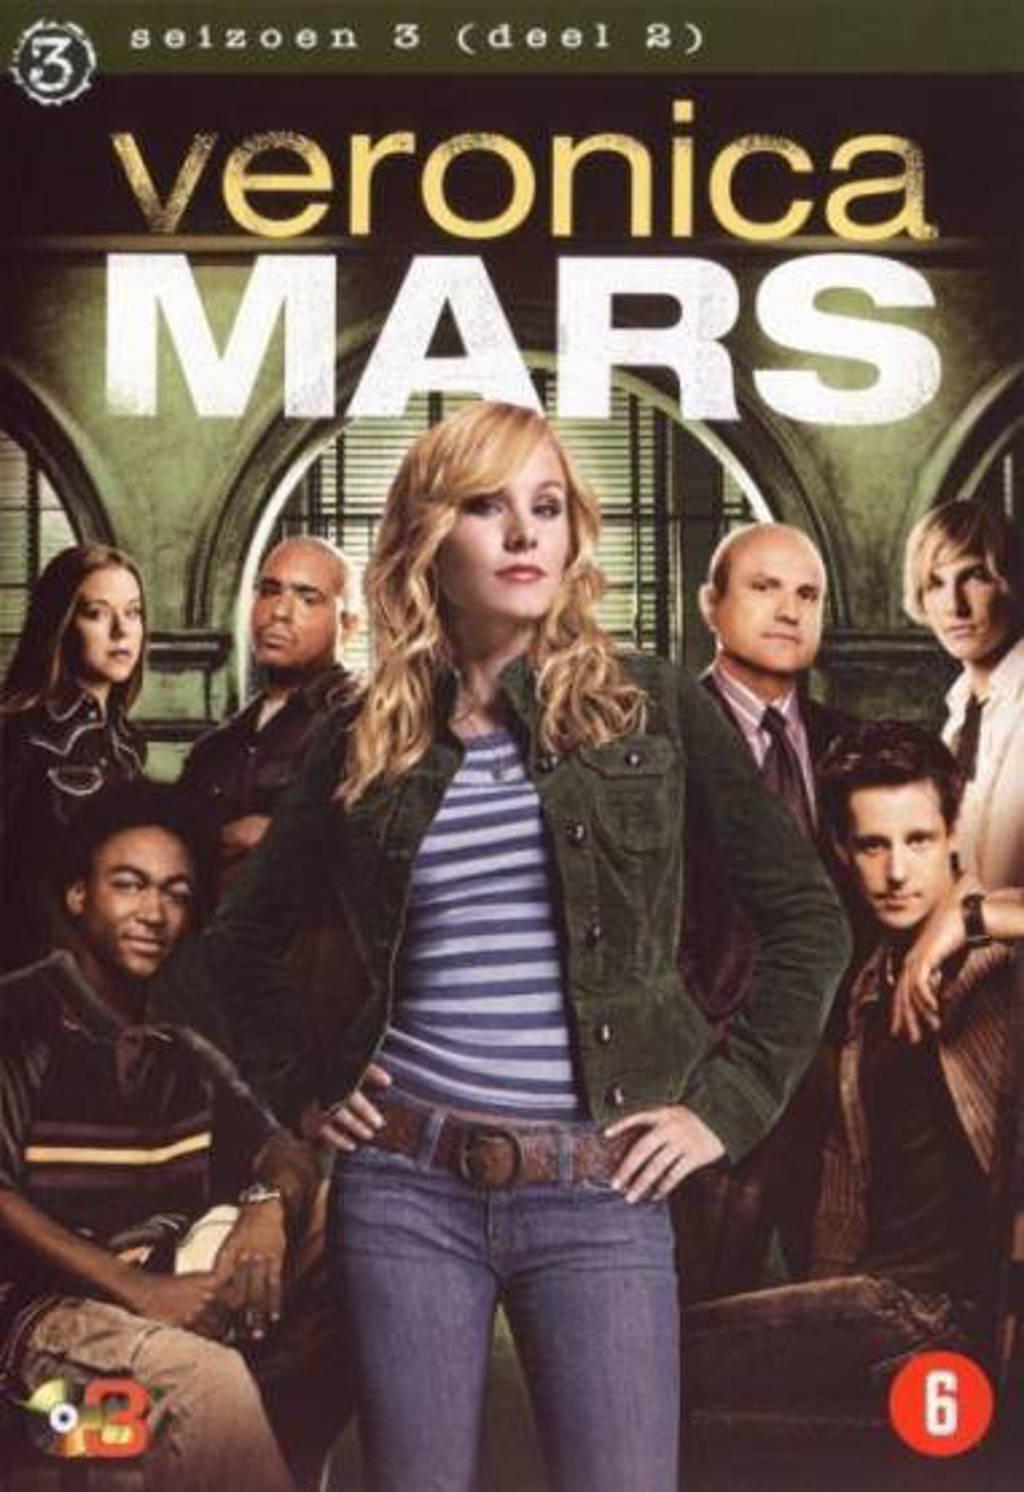 Veronica Mars - Seizoen 3 deel 2 (DVD)